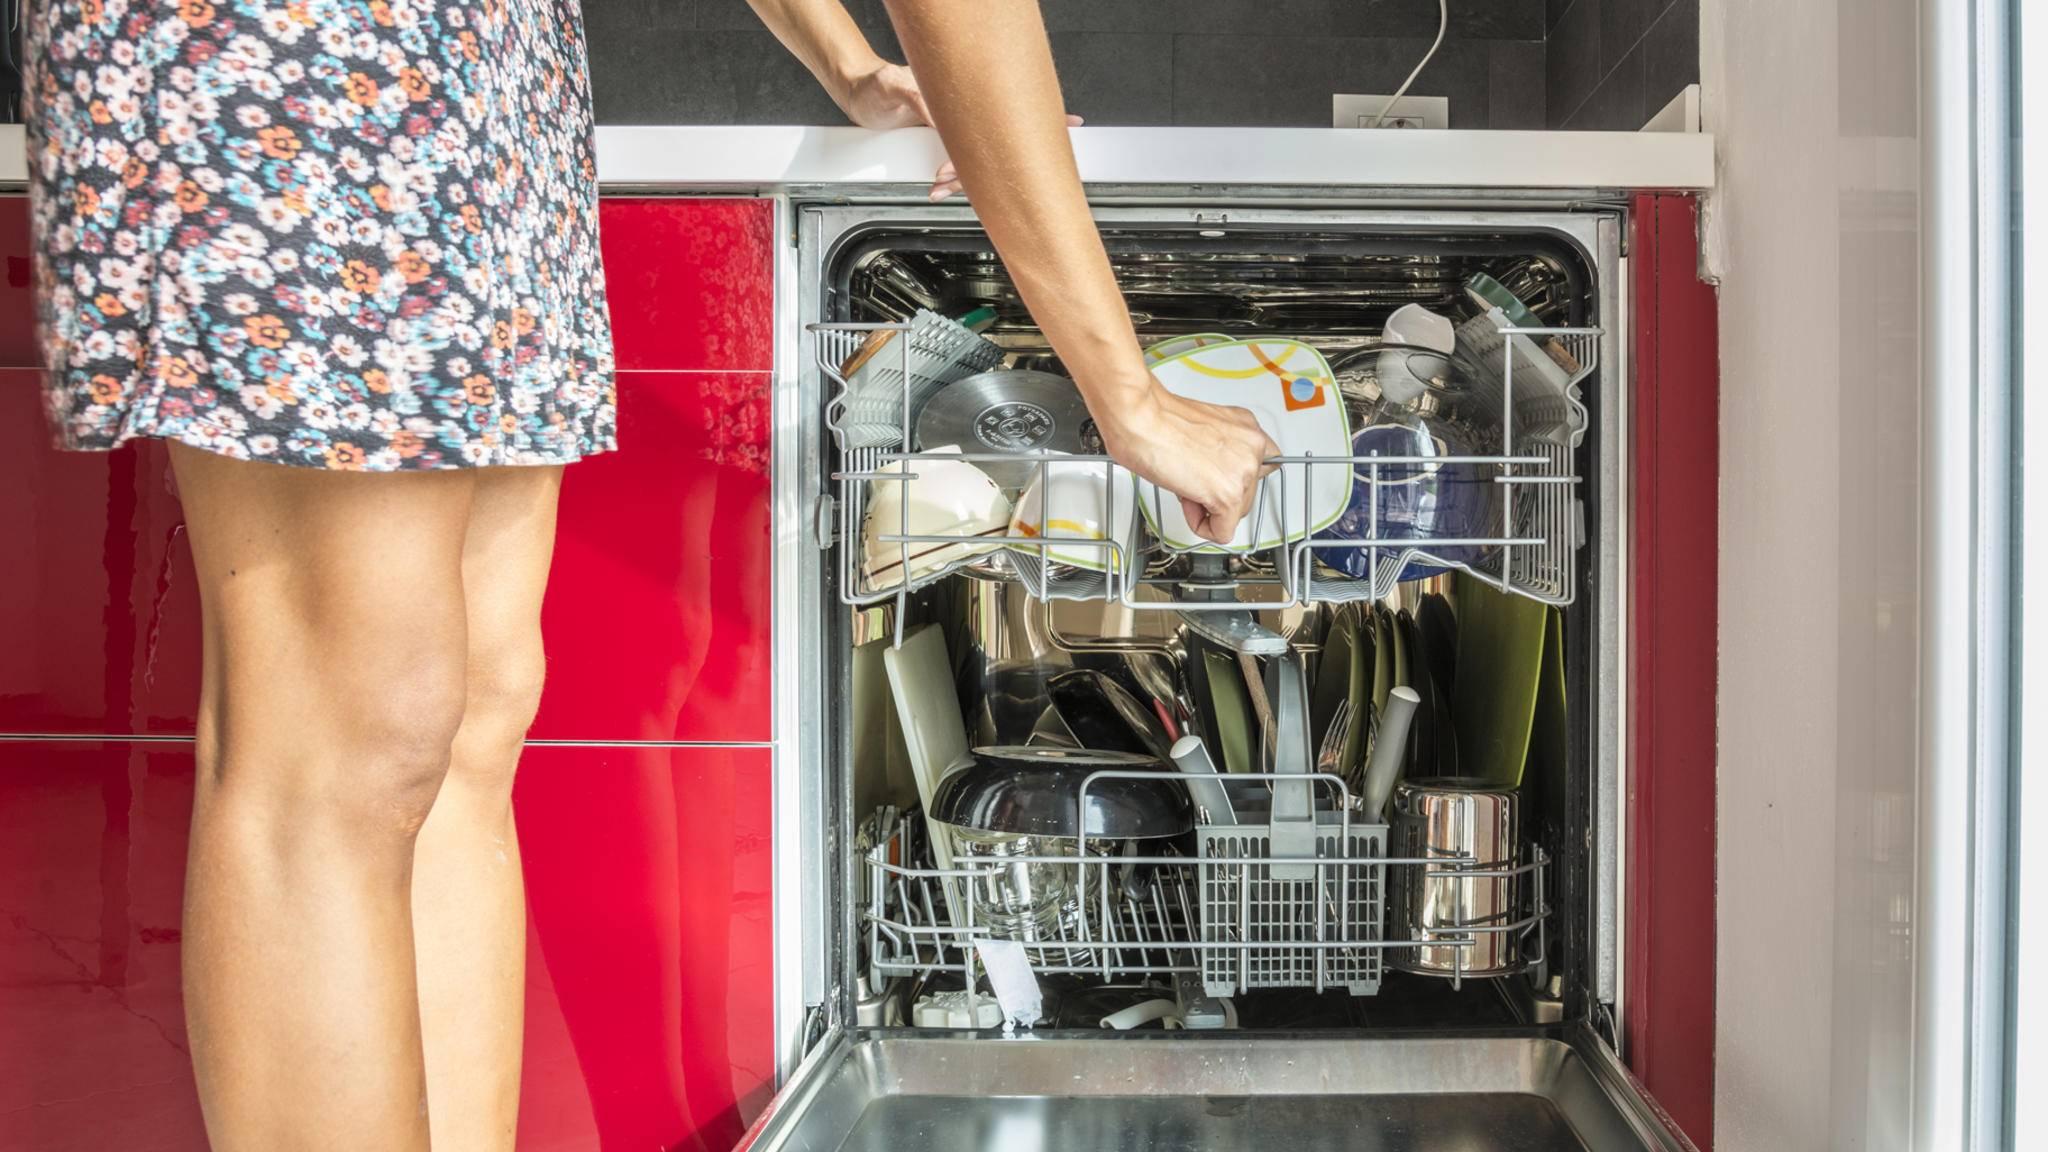 Damit sie lange durchhält, muss die Spülmaschine regelmäßig gereinigt werden.